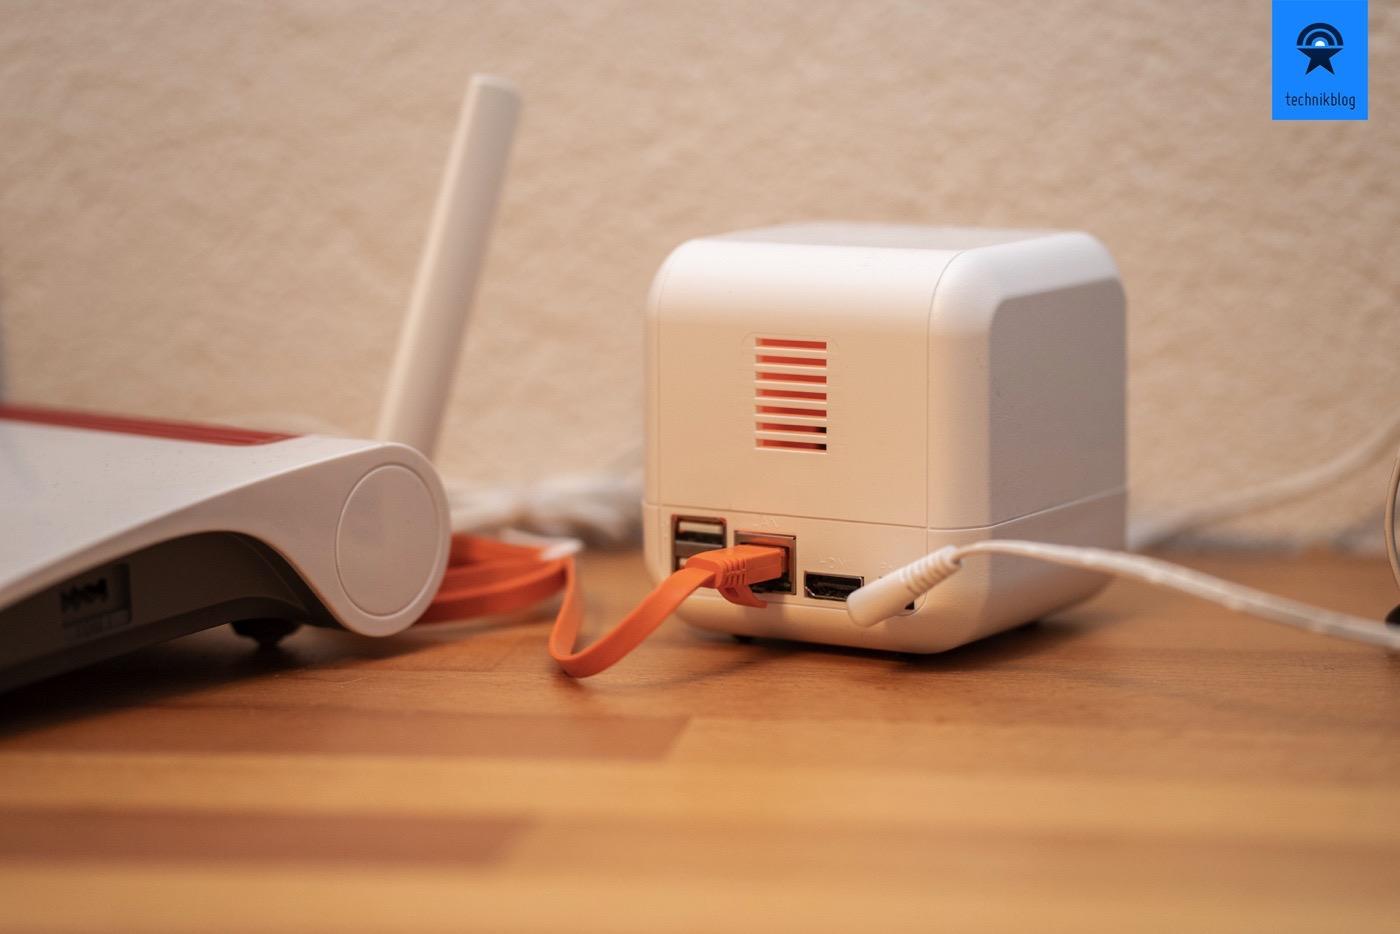 eBlocker2 mit Router verbinden, in meinem Fall eine Fritz!Box 6890 LTE und schon ist man sicher unterwegs im Web